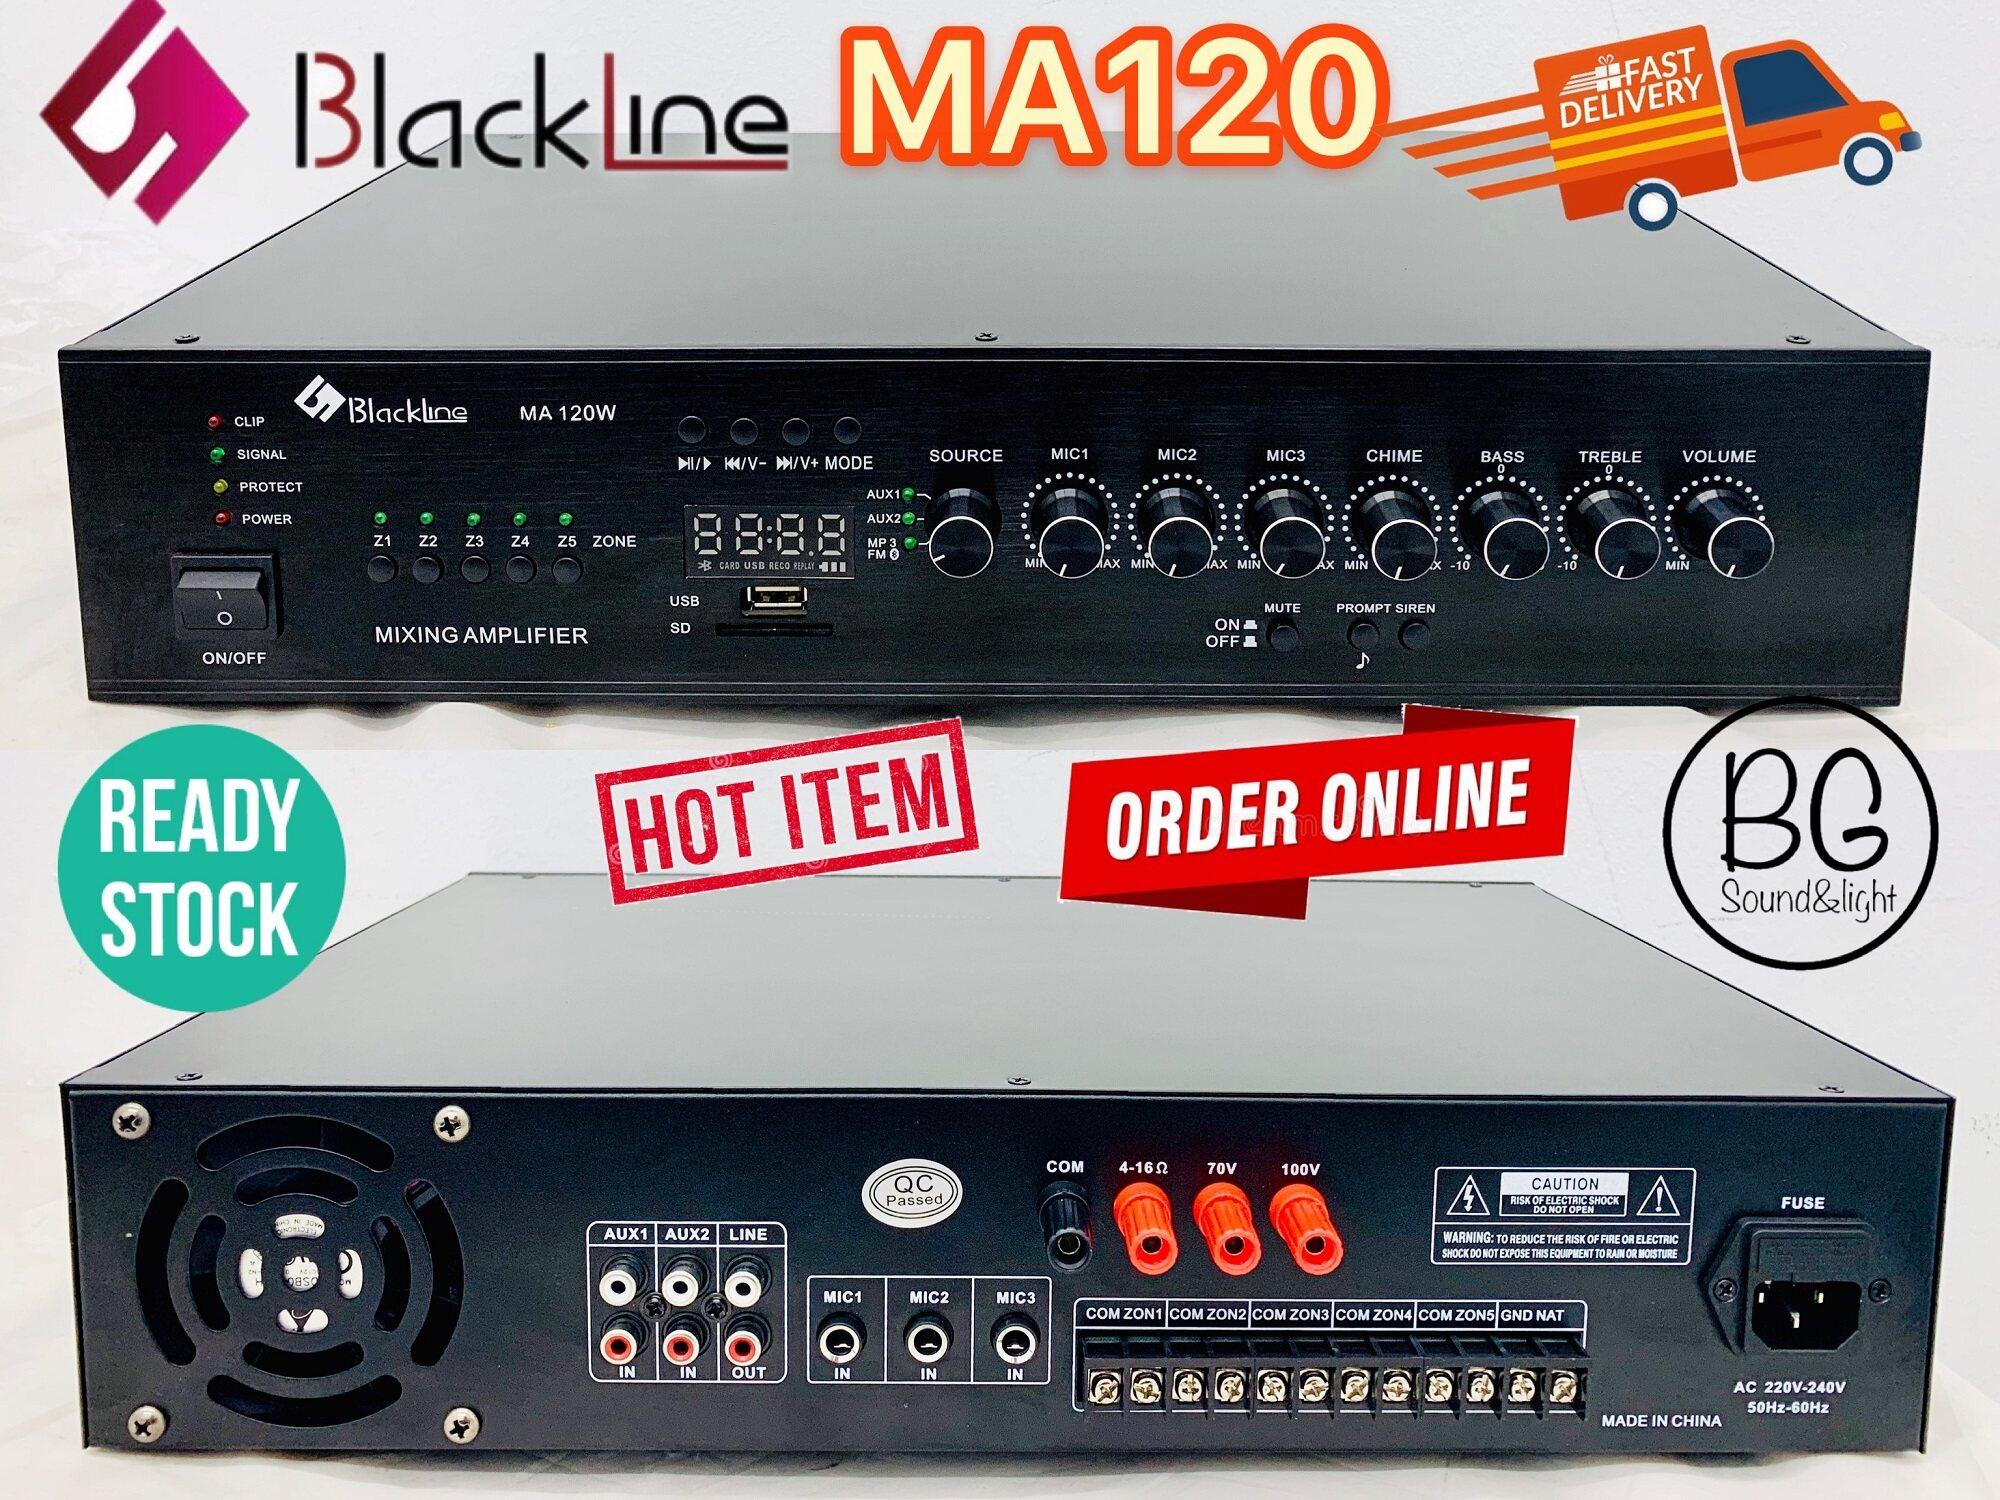 [Ready Stock]Blackline MA120W 120W Public Address PA System Mixing Amplifier With 3 Mic Input / USB / SD / 5 Zones